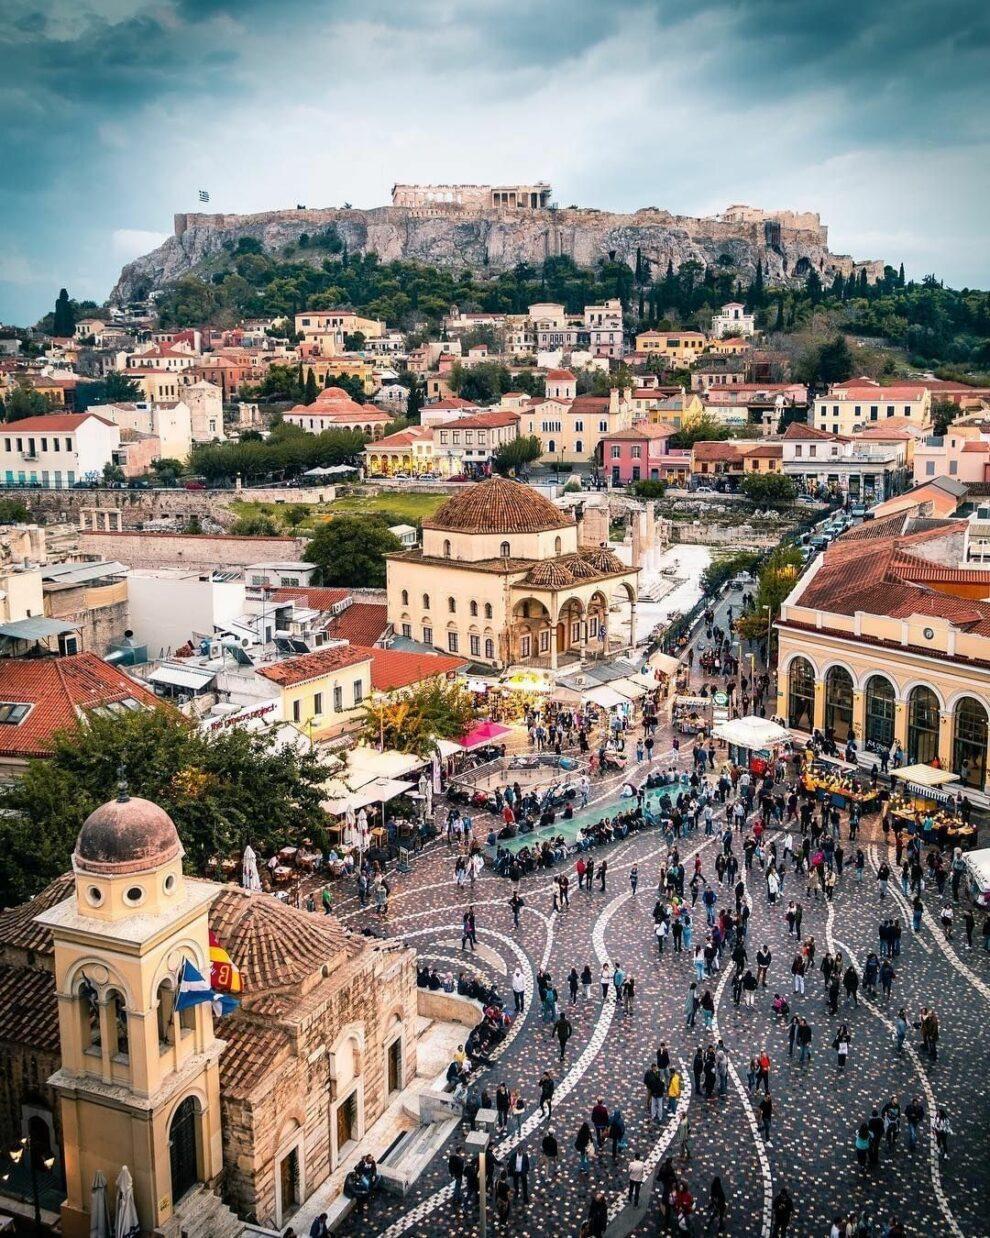 Δεύτερος προορισμός στην Ευρώπη η Αθήνα για το 2020